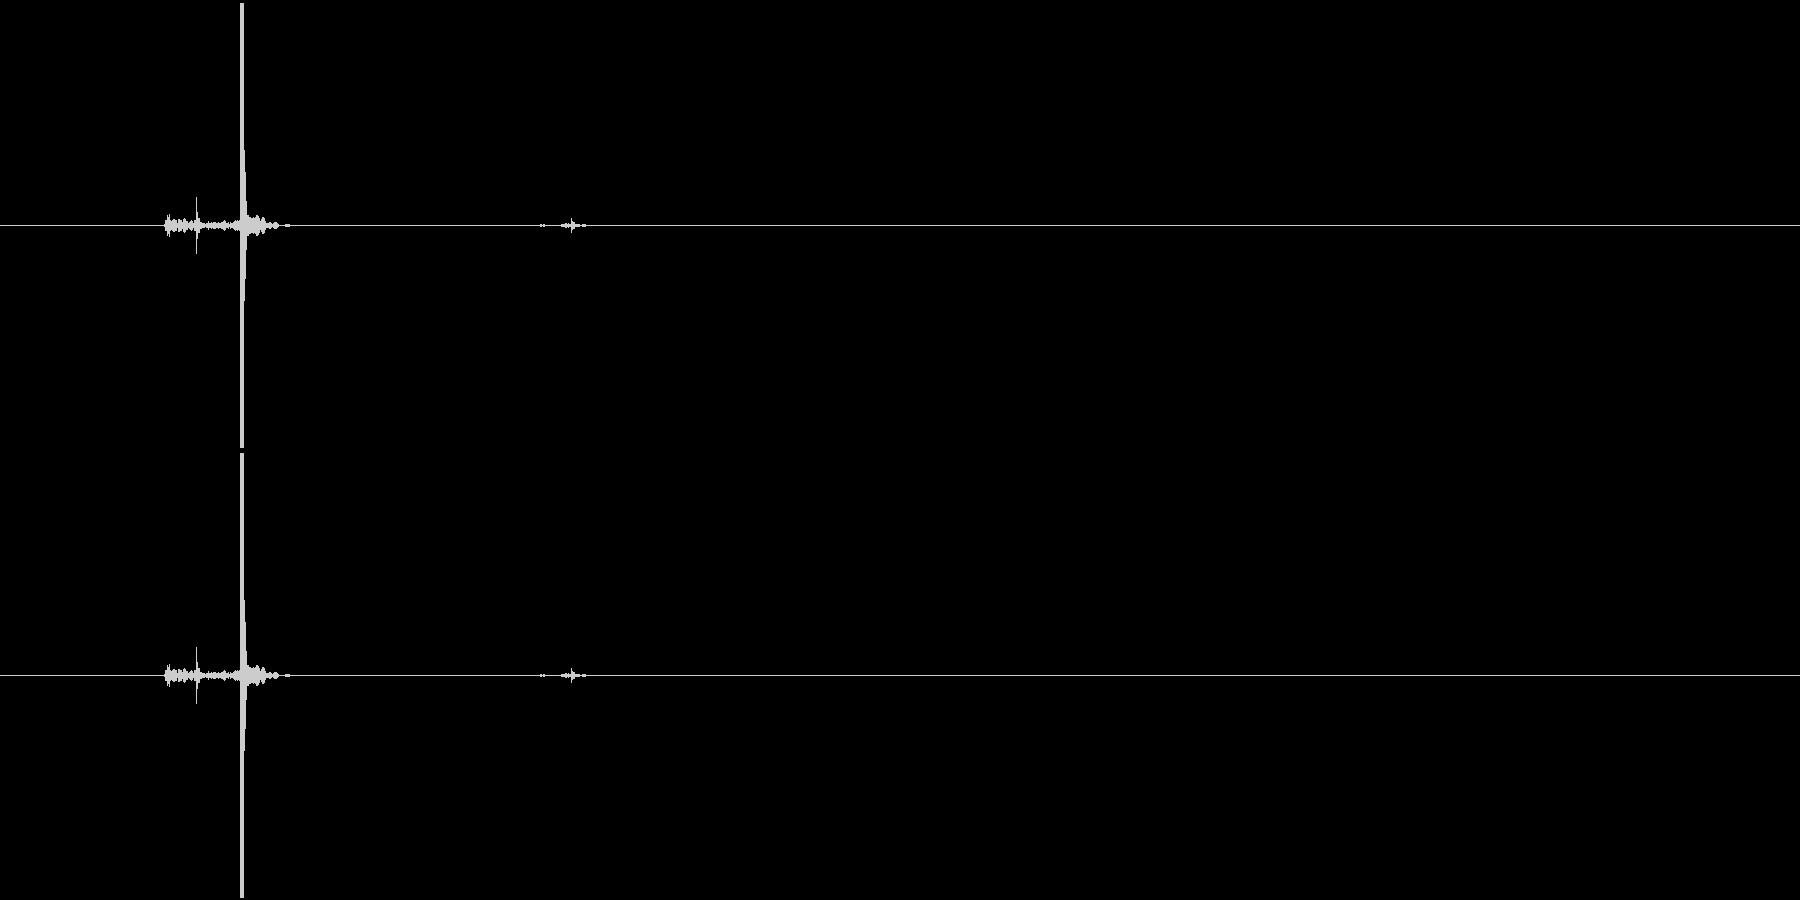 ボールペンのボタンを押す音(カチッ)の未再生の波形